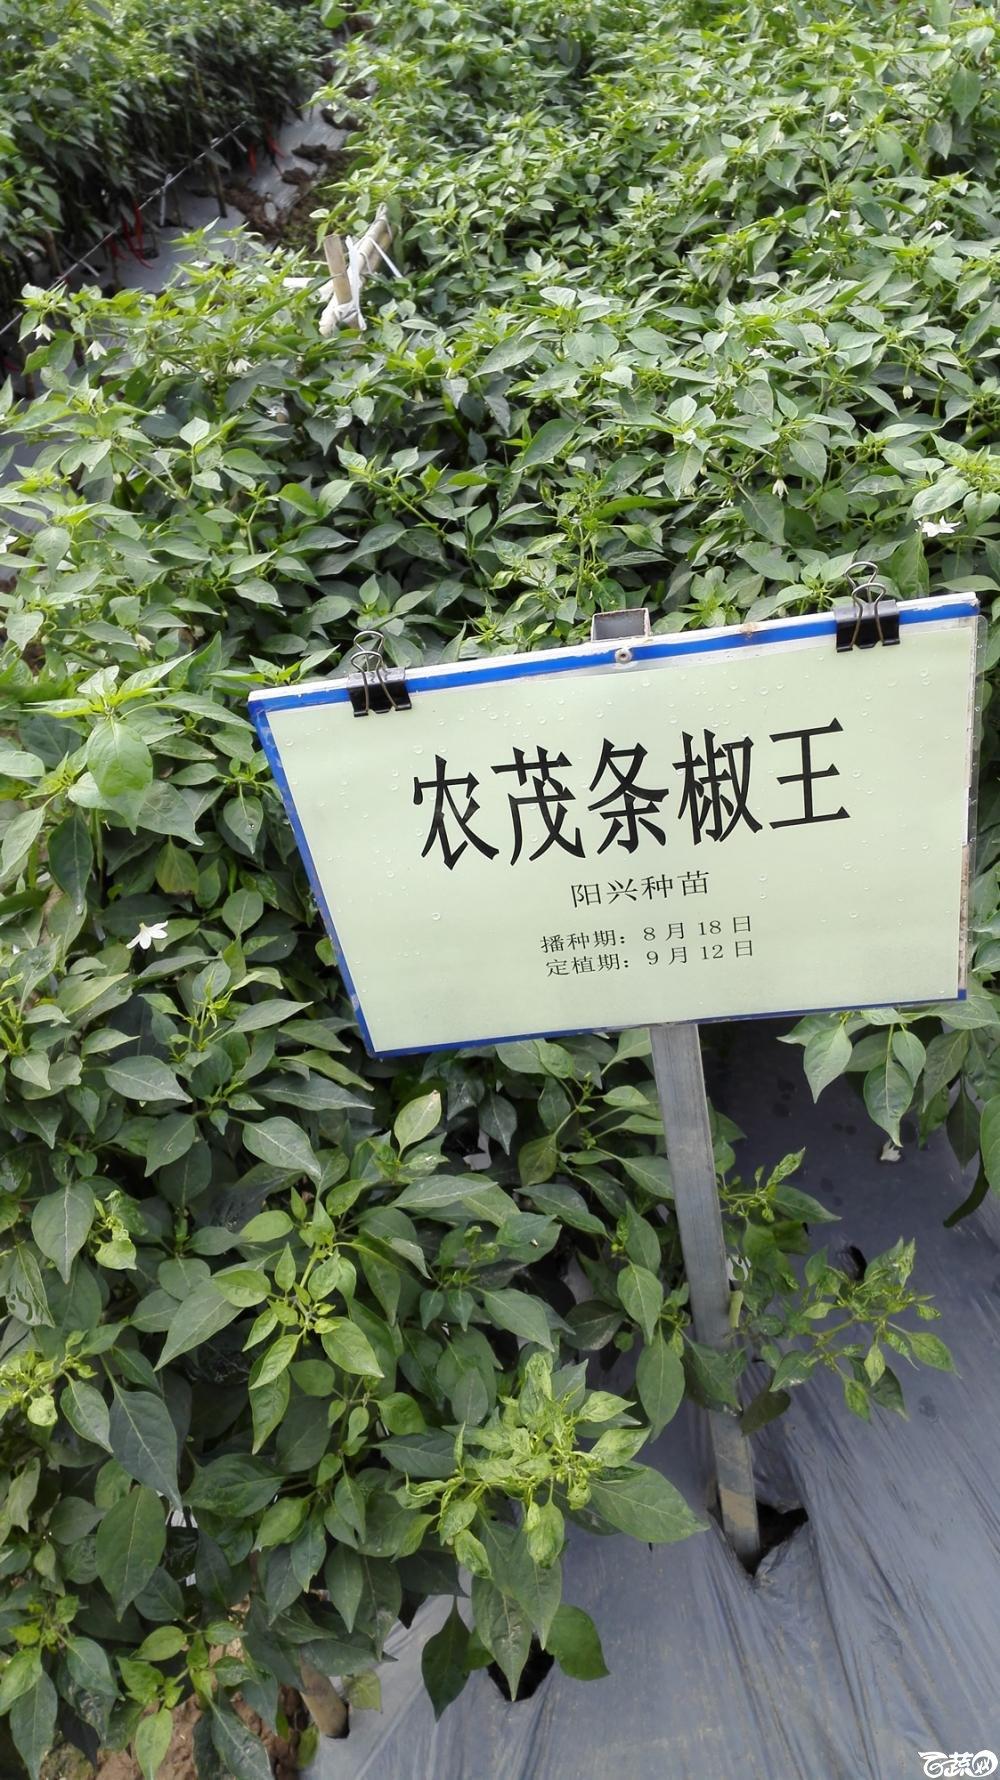 2014年12月8号中山蔬菜新品种展示会_辣椒_228.jpg